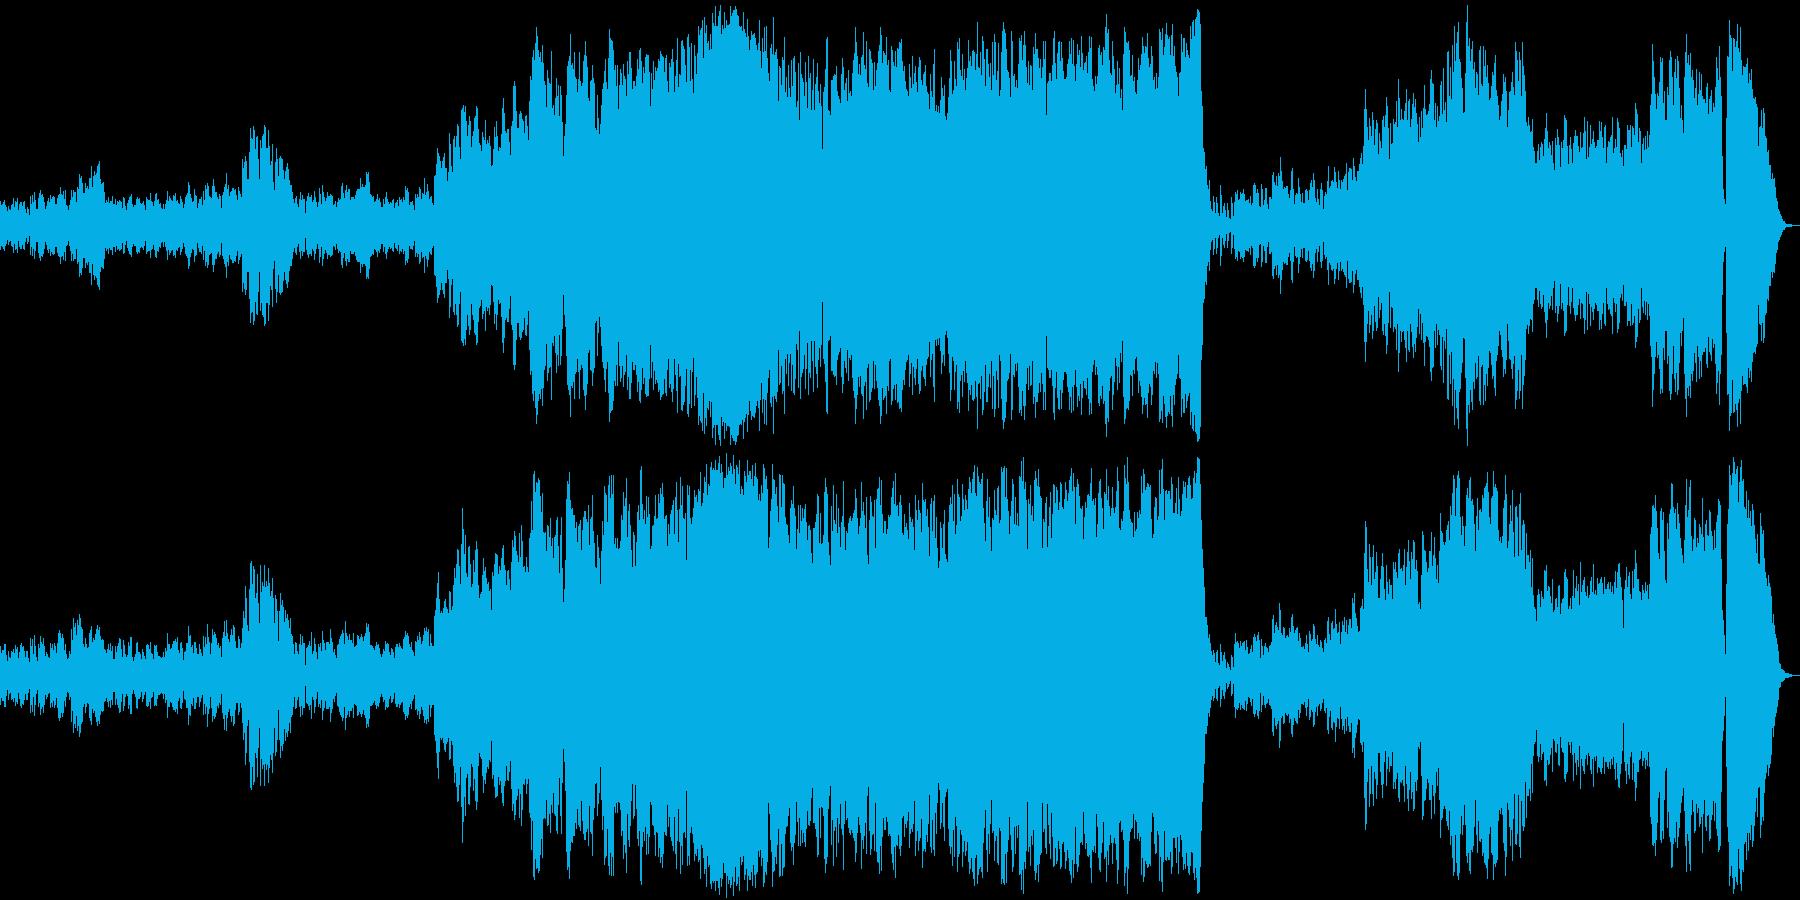 ホルストの「火星」ショートver.の再生済みの波形